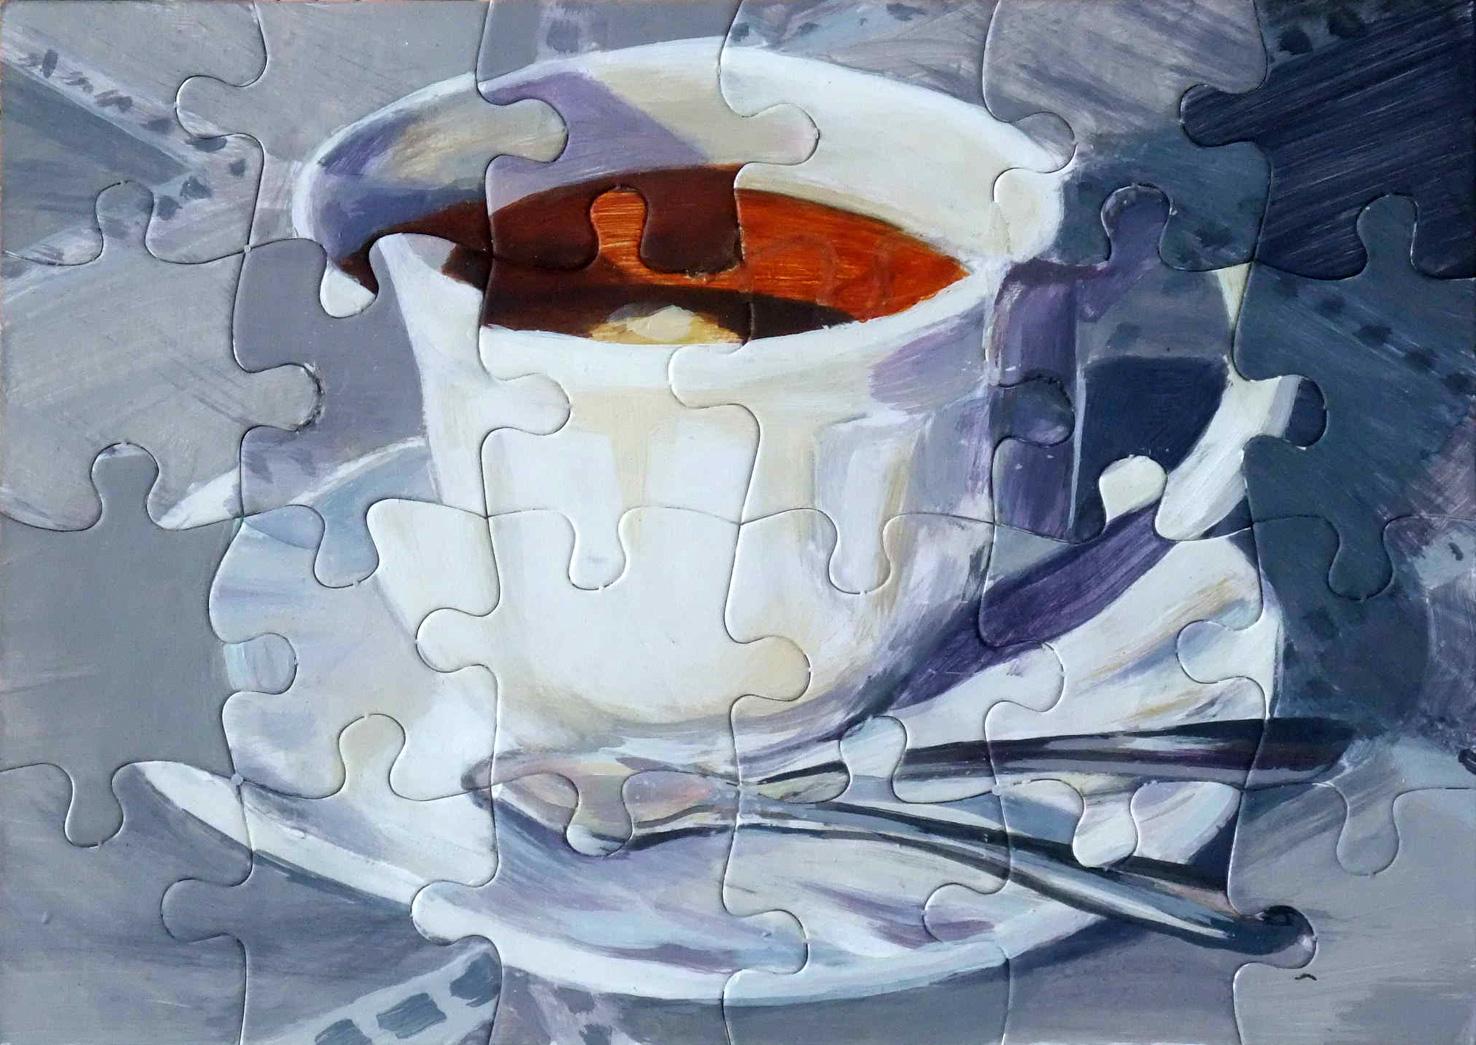 Teatime 3 by Darren Coffield